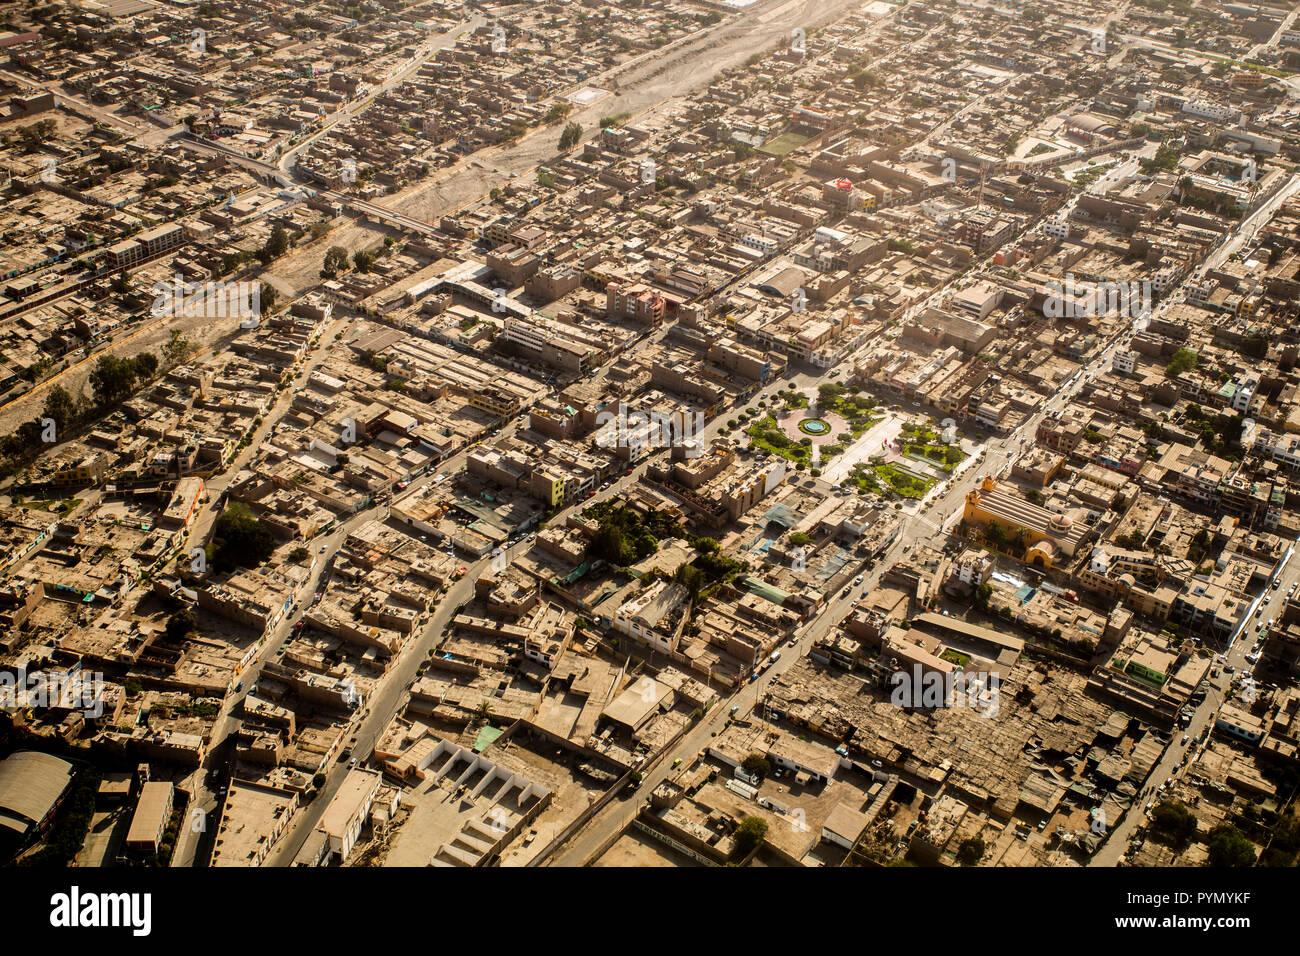 Flug über die Stadt Nasca, Nazca in Peru, Südamerika. Blick von oben bei einem Rundflug - Stock Image